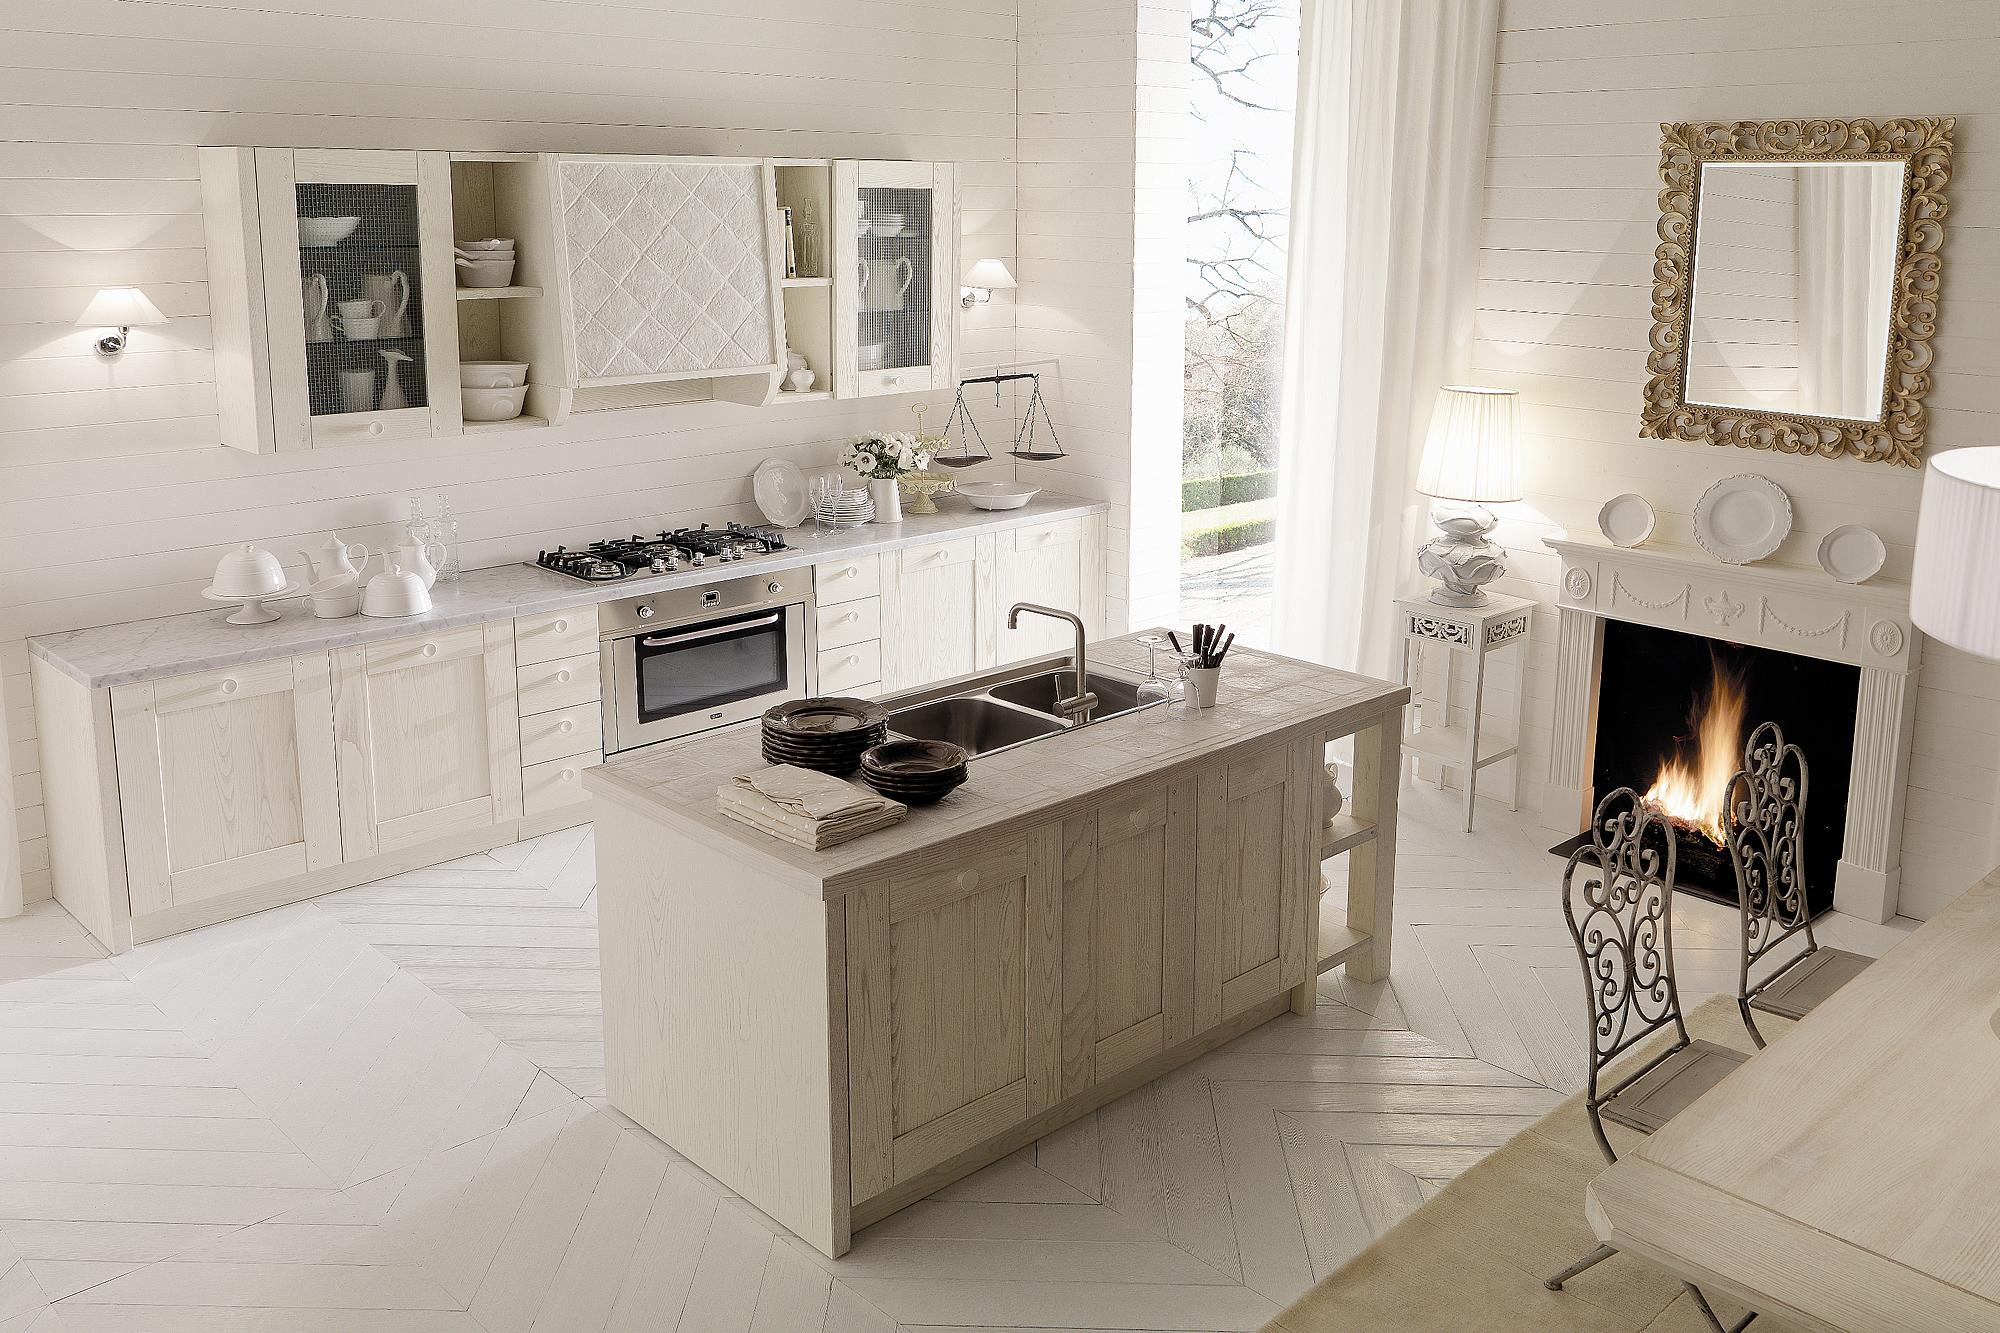 Cucine bianche country chic in muratura cucine in legno massello rustiche empoli firenze - Cucine classiche bianche ...